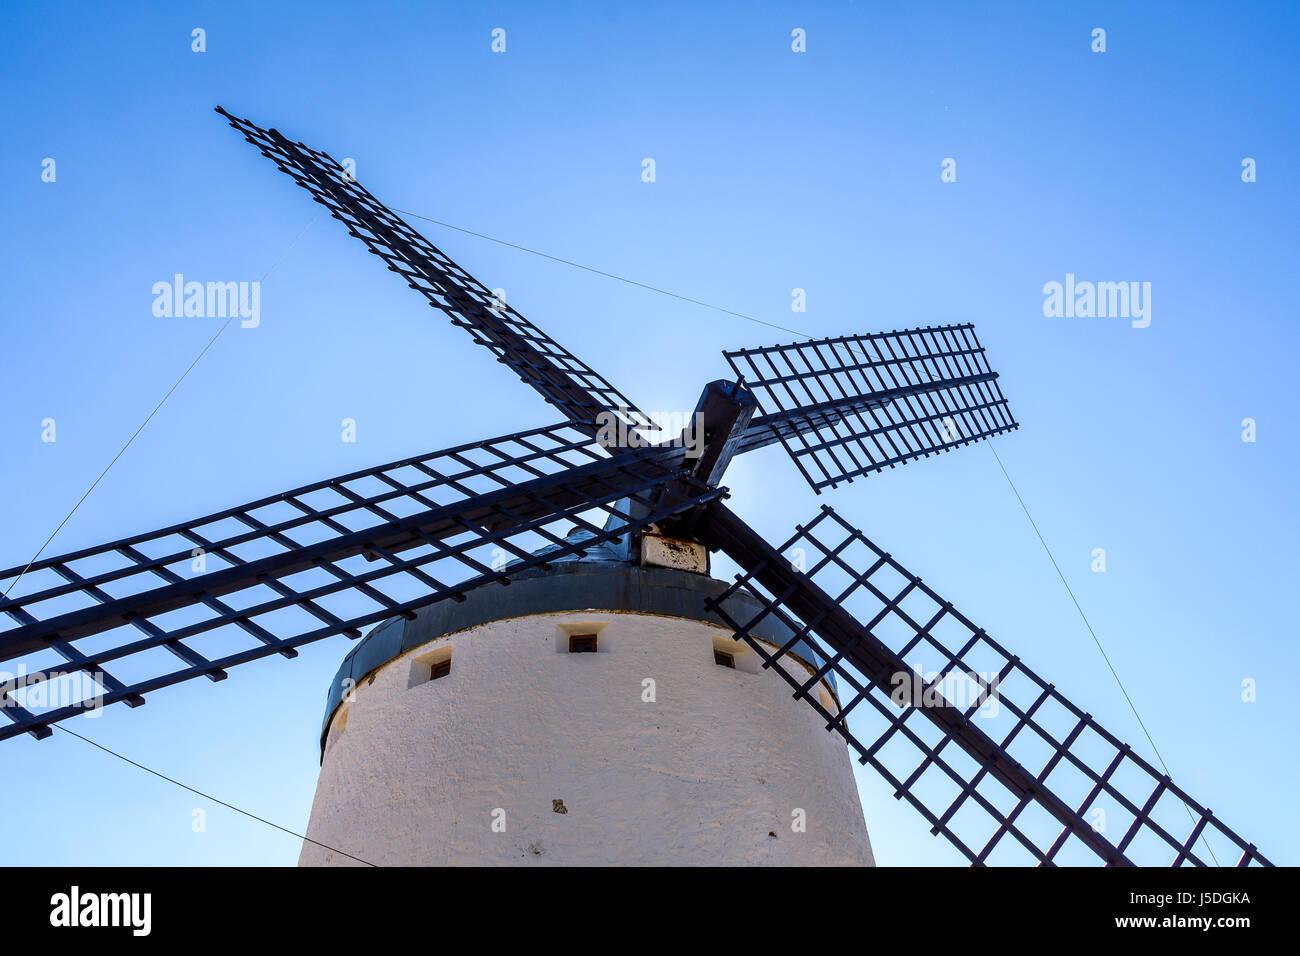 Windmill in Toledo, Spain Stock Photo